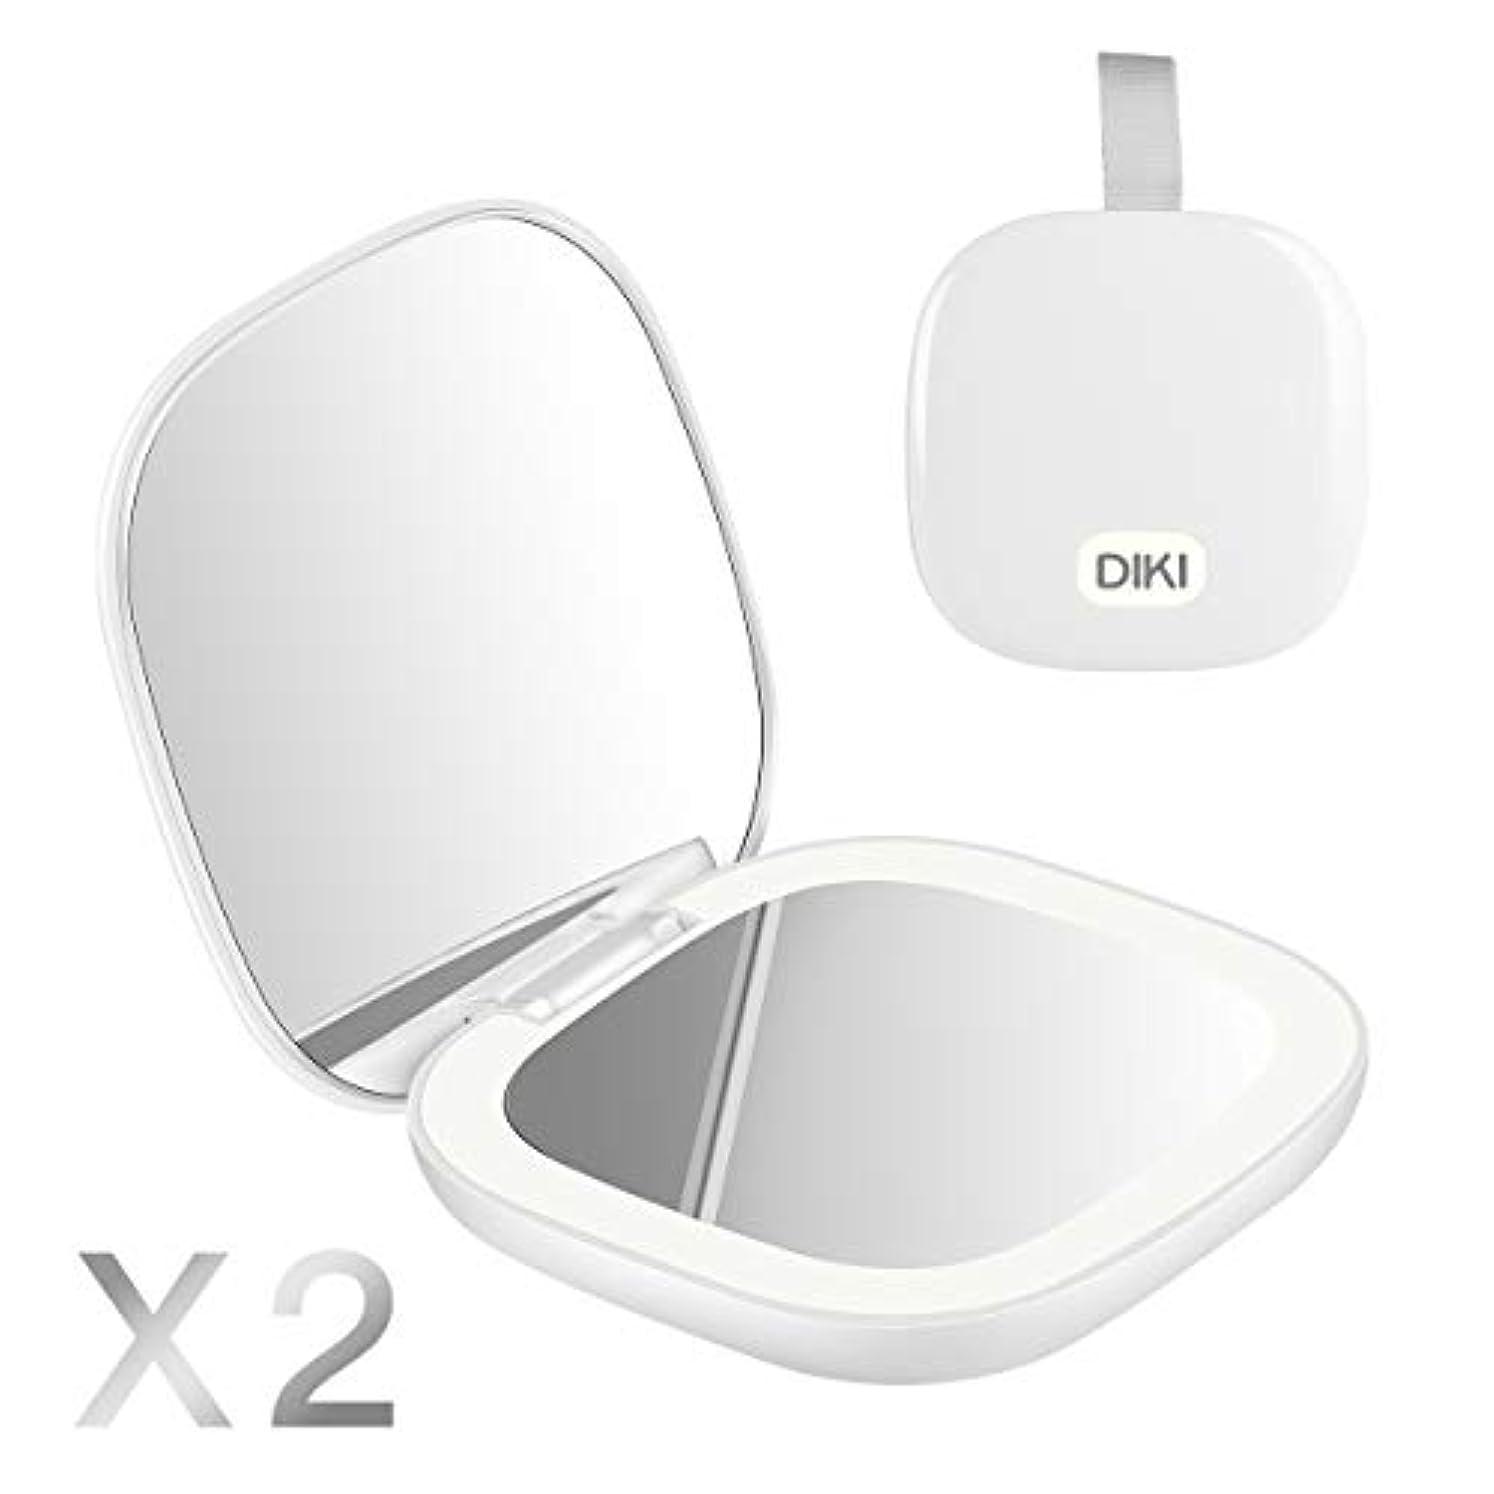 機械的スリーブゲームDIKI 化粧鏡 コンパクトミラー 両面メイクアップ LEDライト付き 2倍 拡大 折りたたみ式 USB充電機能 明るさ調節可能 持ち運び便利 旅行用 ミニプレゼント 手鏡